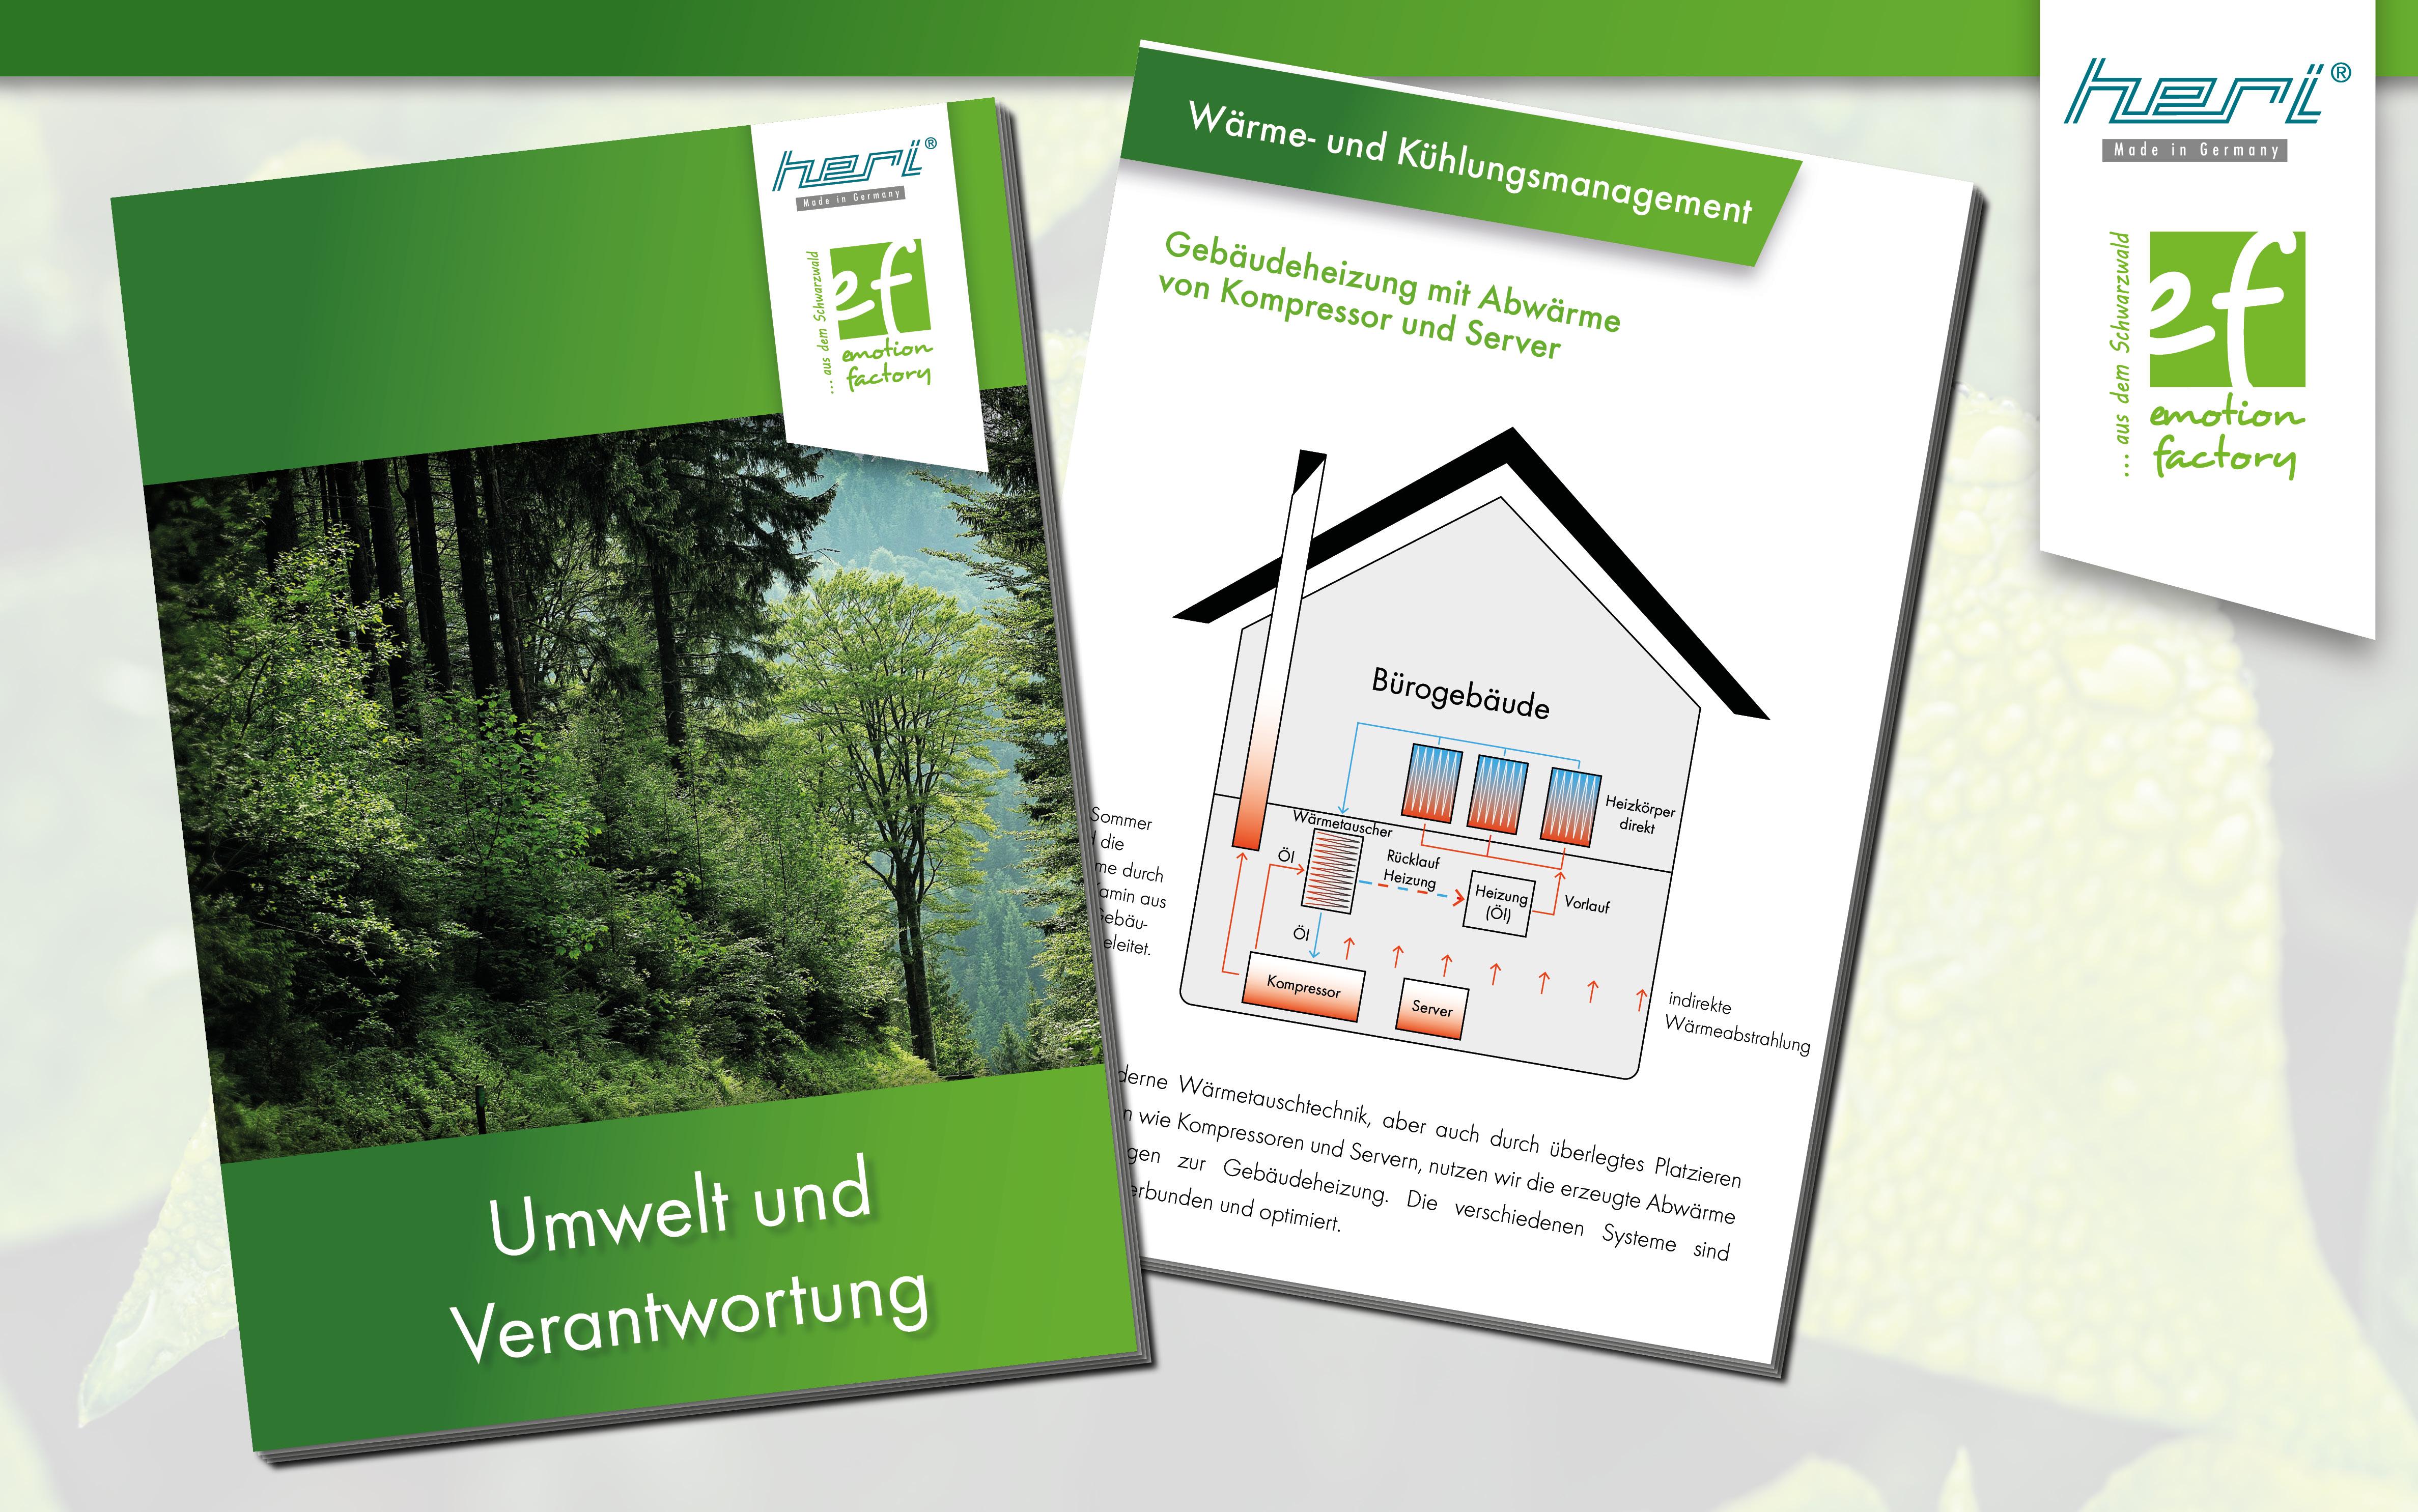 Nachhaltigkeit von A bis Z – Heri Rigoni GmbH verschreibt sich der Nachhaltigkeit